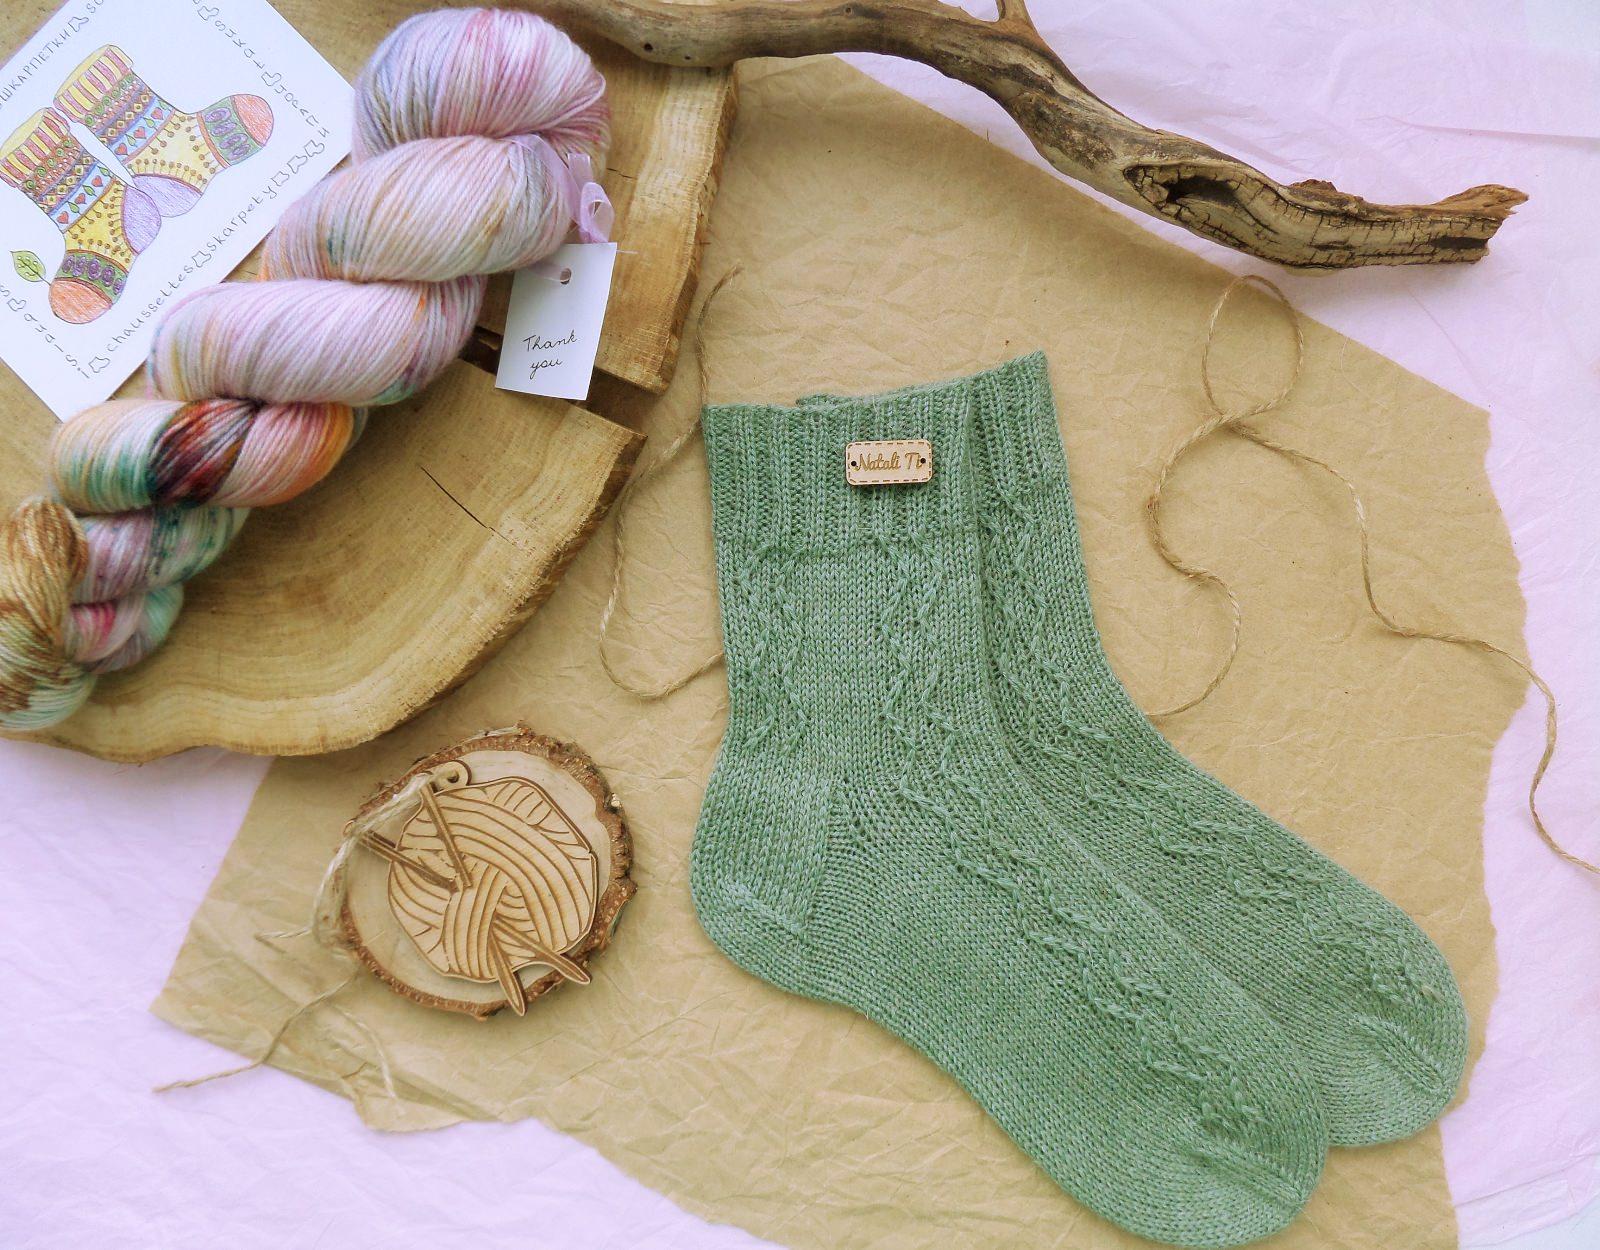 Hand knitting socks S-04 - nosochki 35